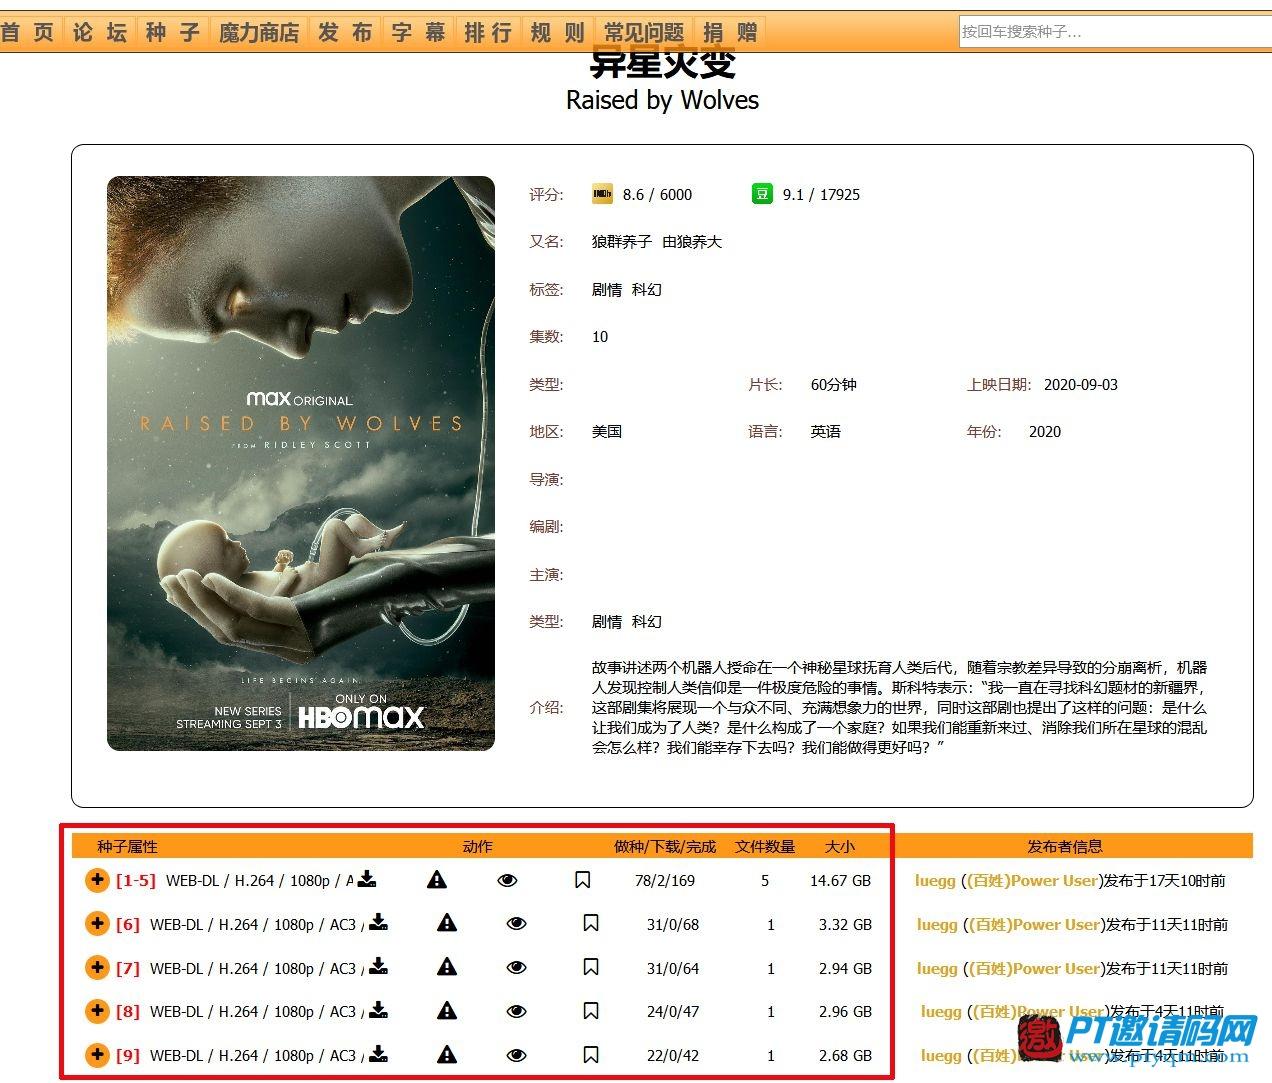 【haidan】海胆再次改版升级,国庆开放注册7天